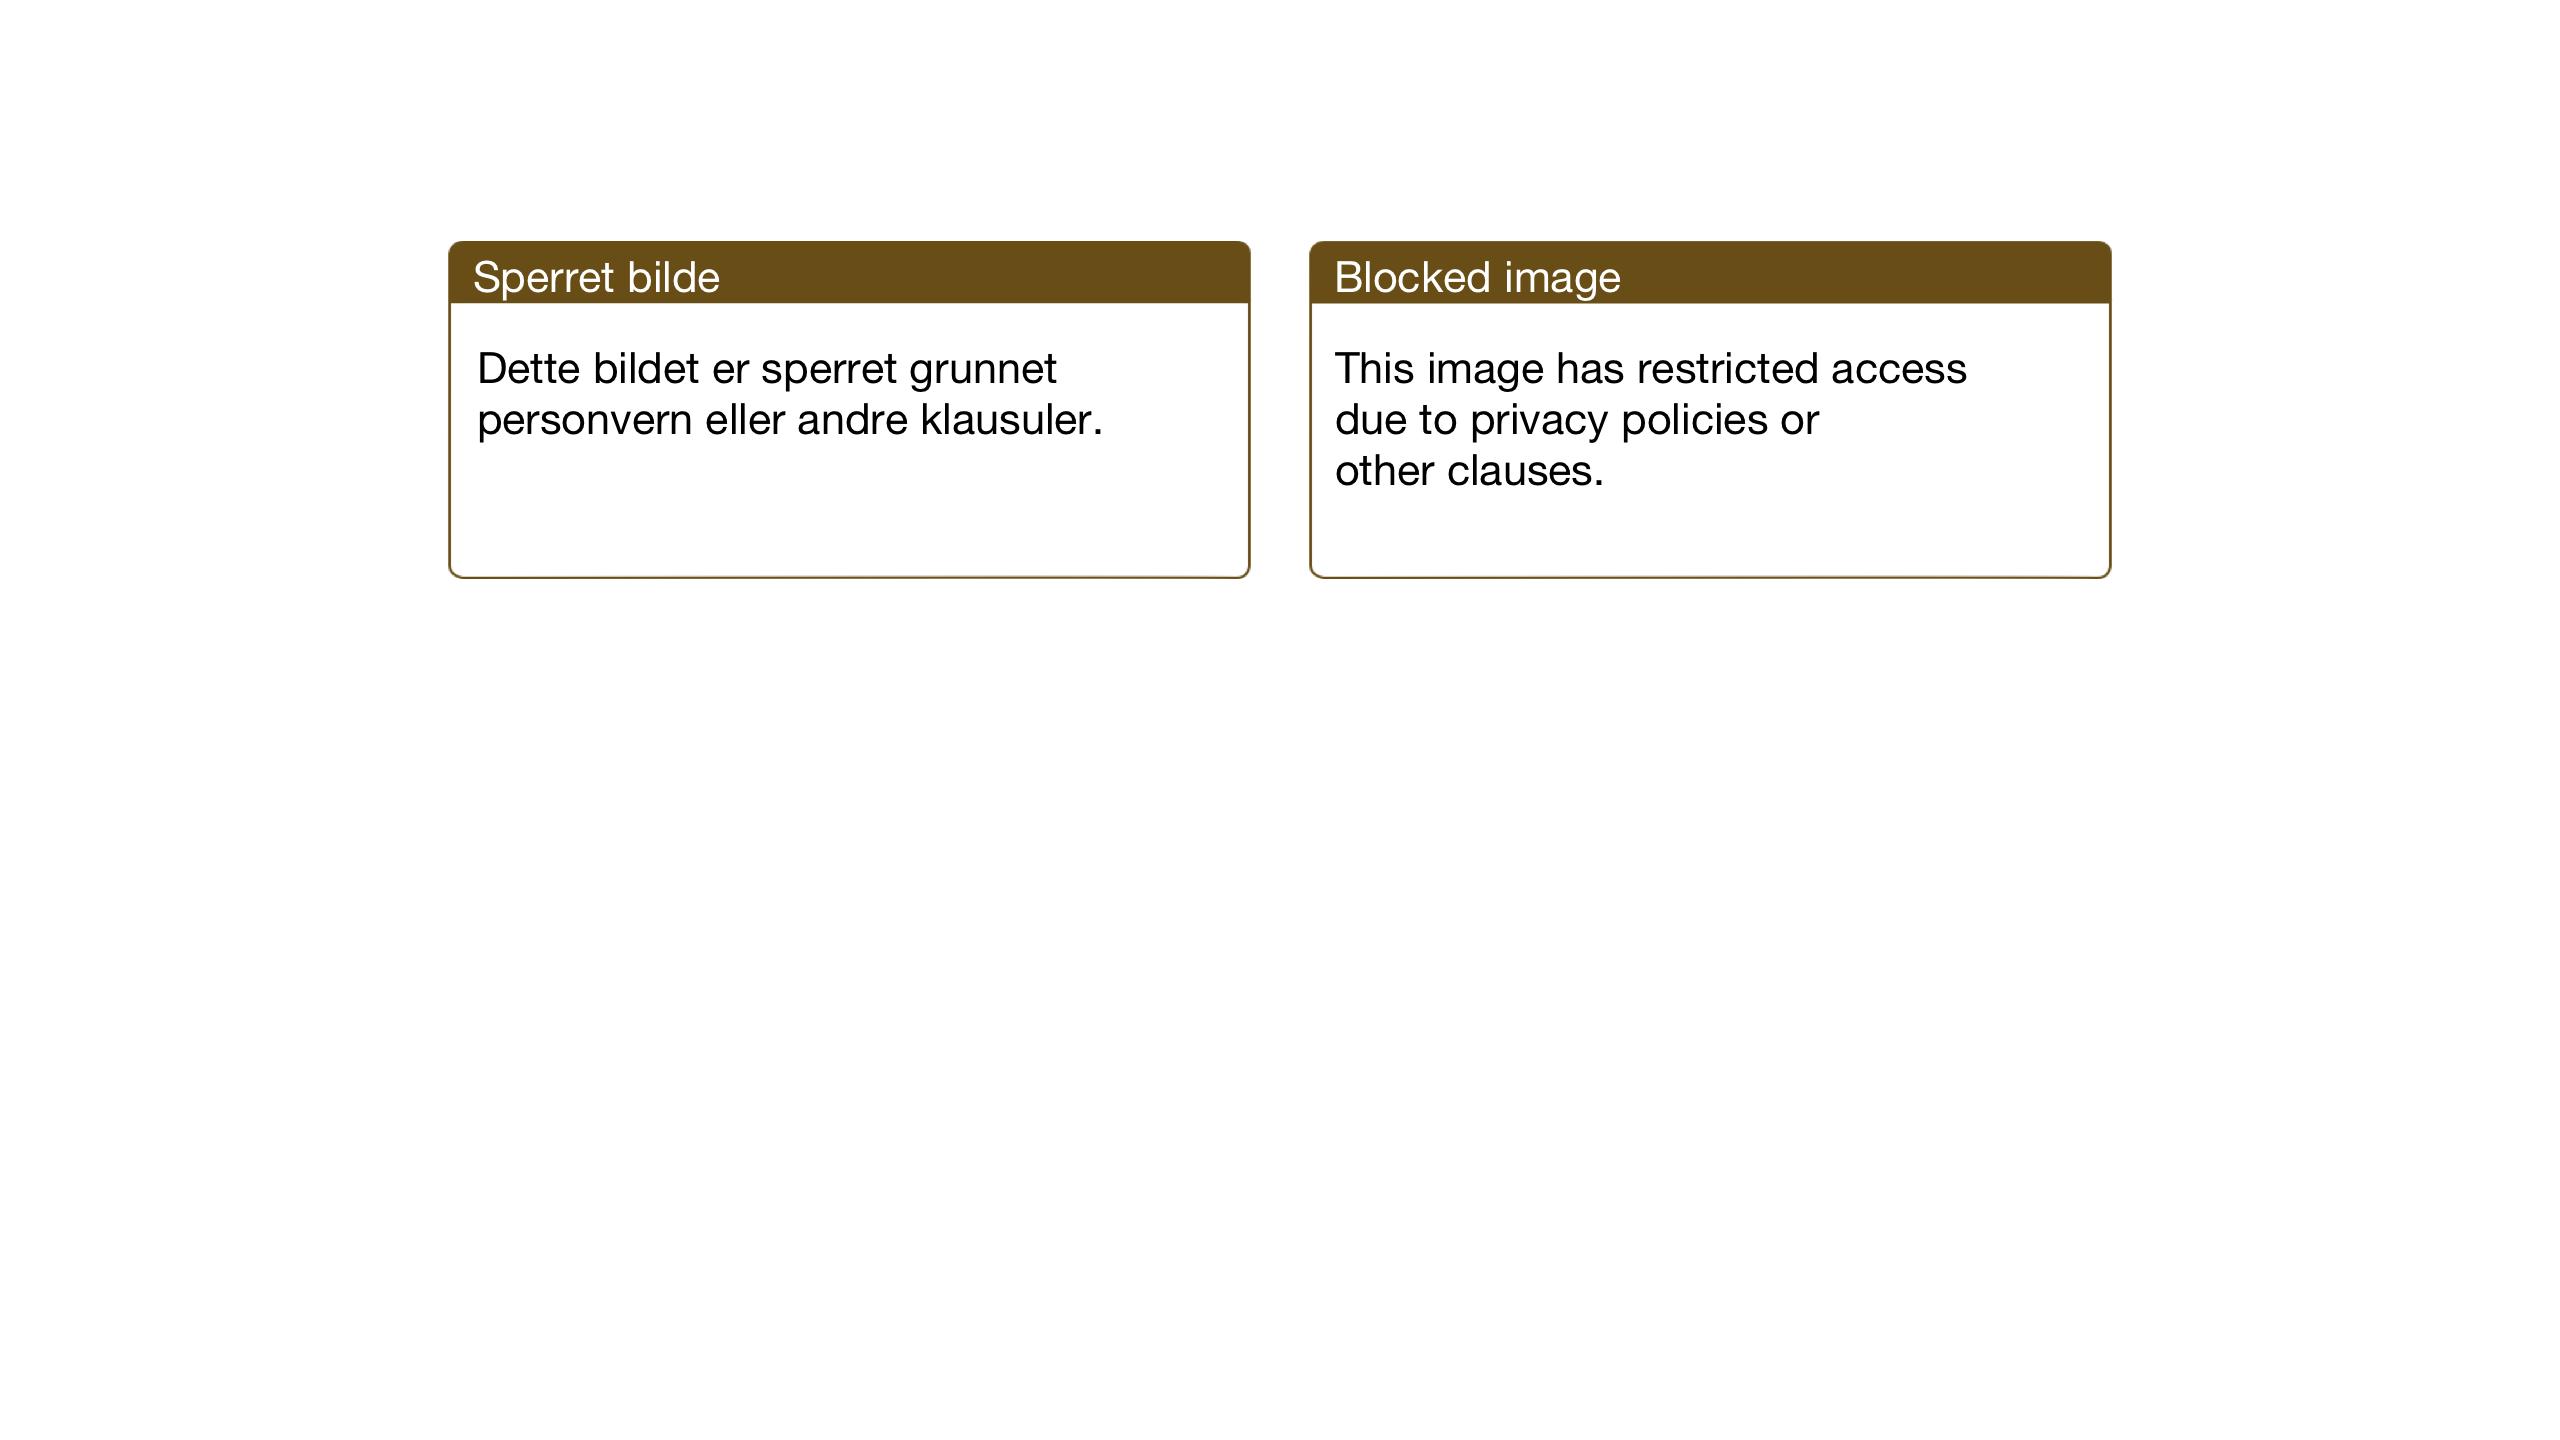 SAT, Ministerialprotokoller, klokkerbøker og fødselsregistre - Nord-Trøndelag, 746/L0456: Klokkerbok nr. 746C02, 1936-1948, s. 49